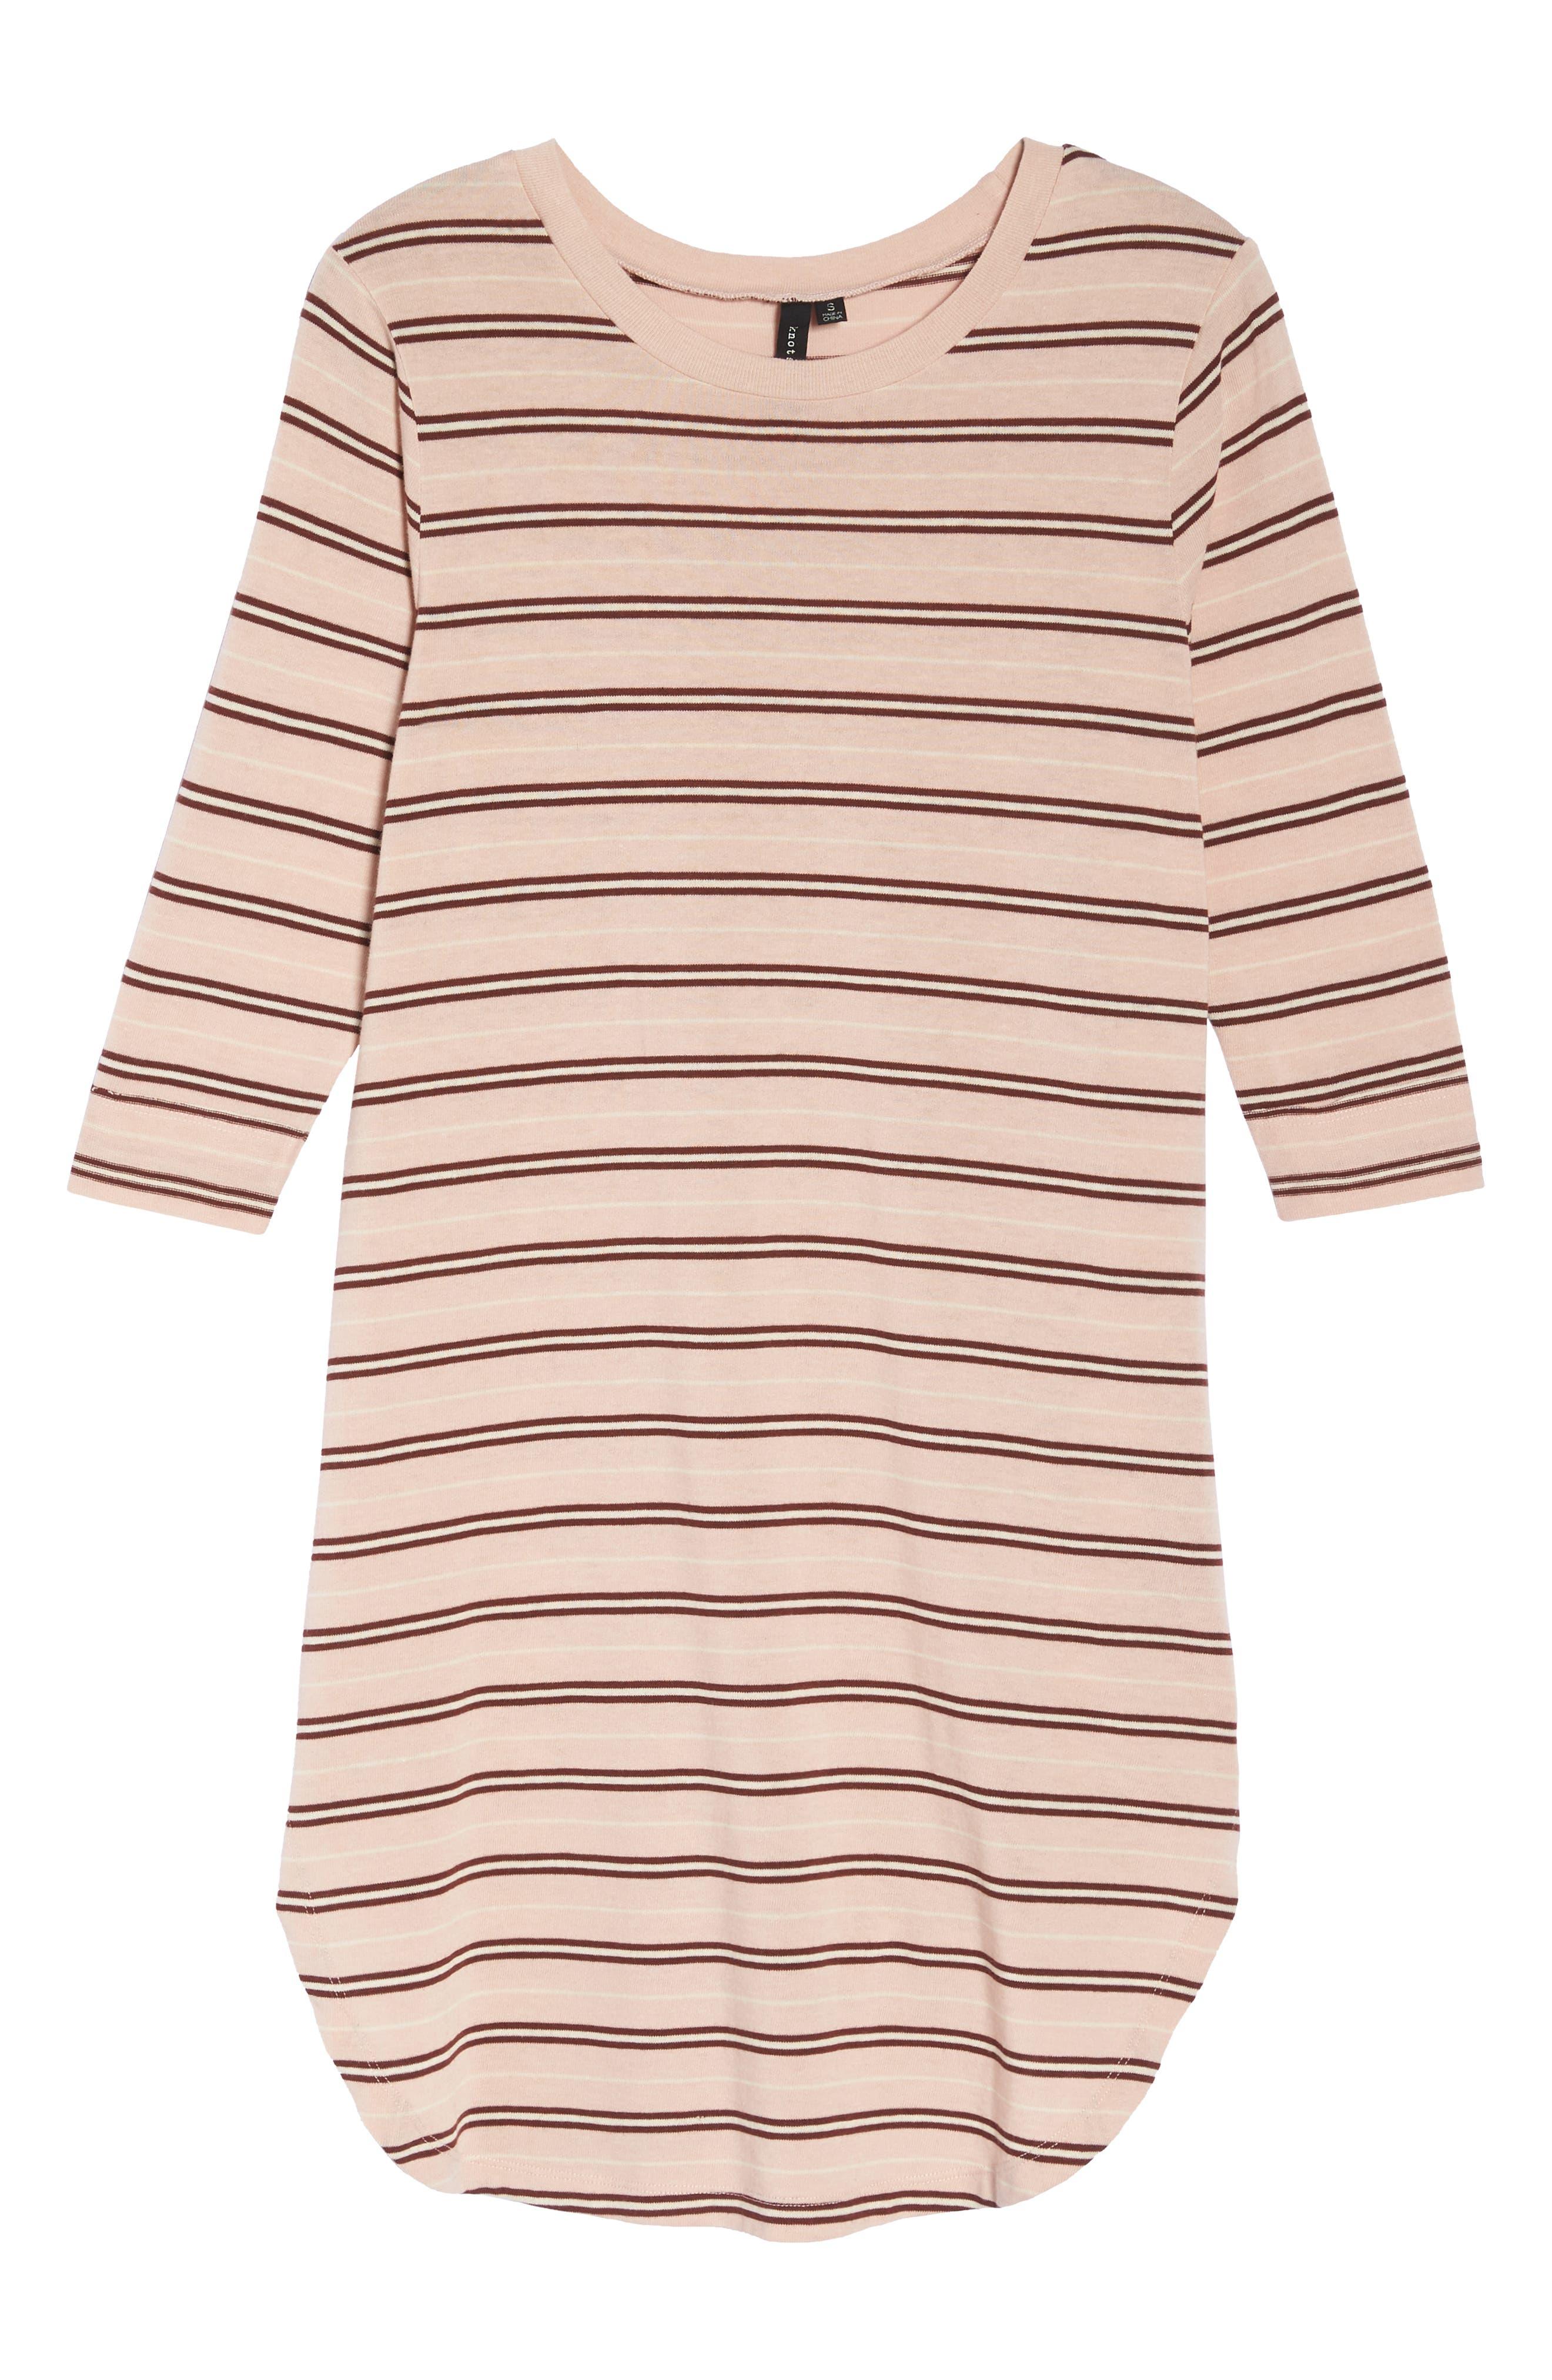 Saul Tunic Dress,                             Alternate thumbnail 7, color,                             Blush 90S Stripe